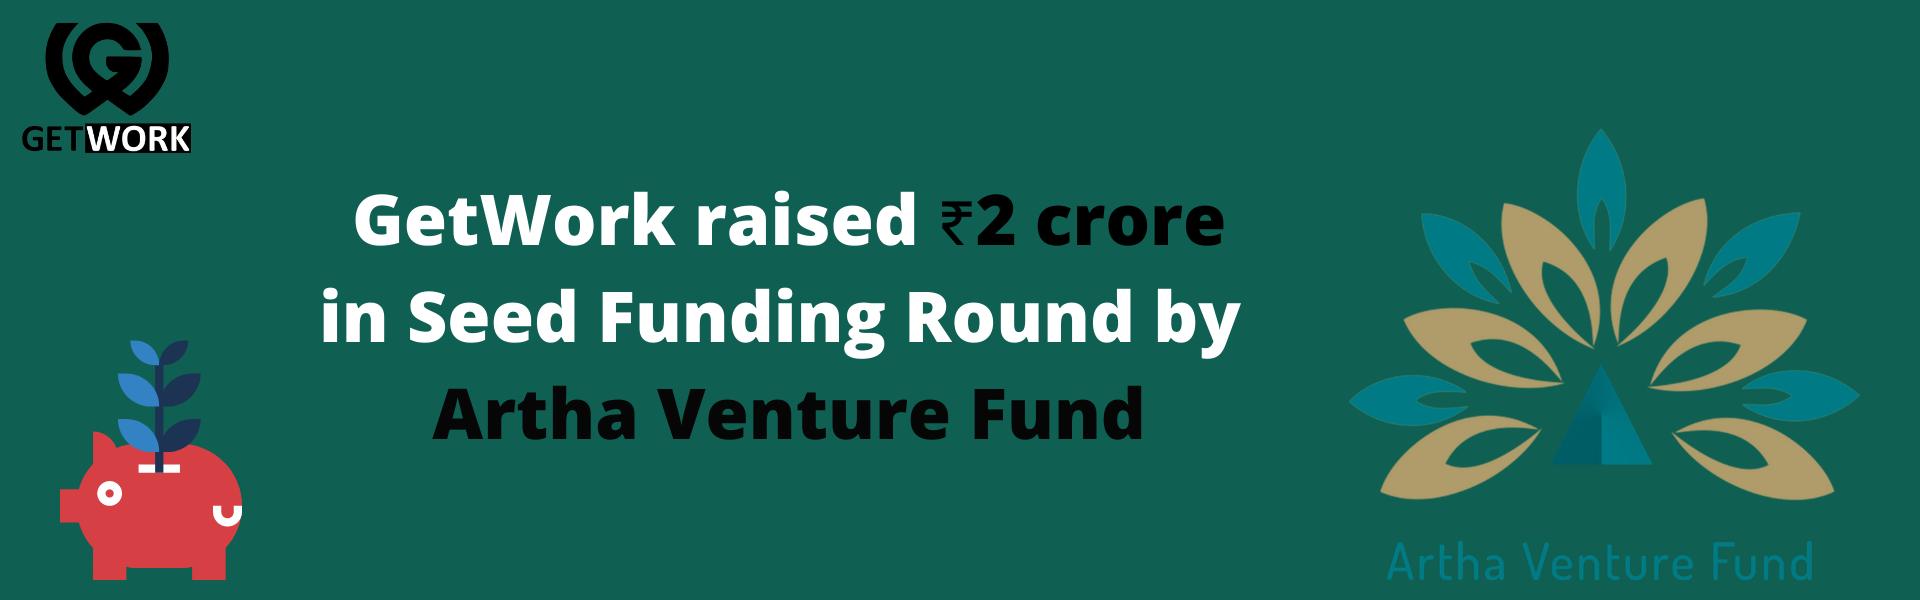 Artha_Venture_fund